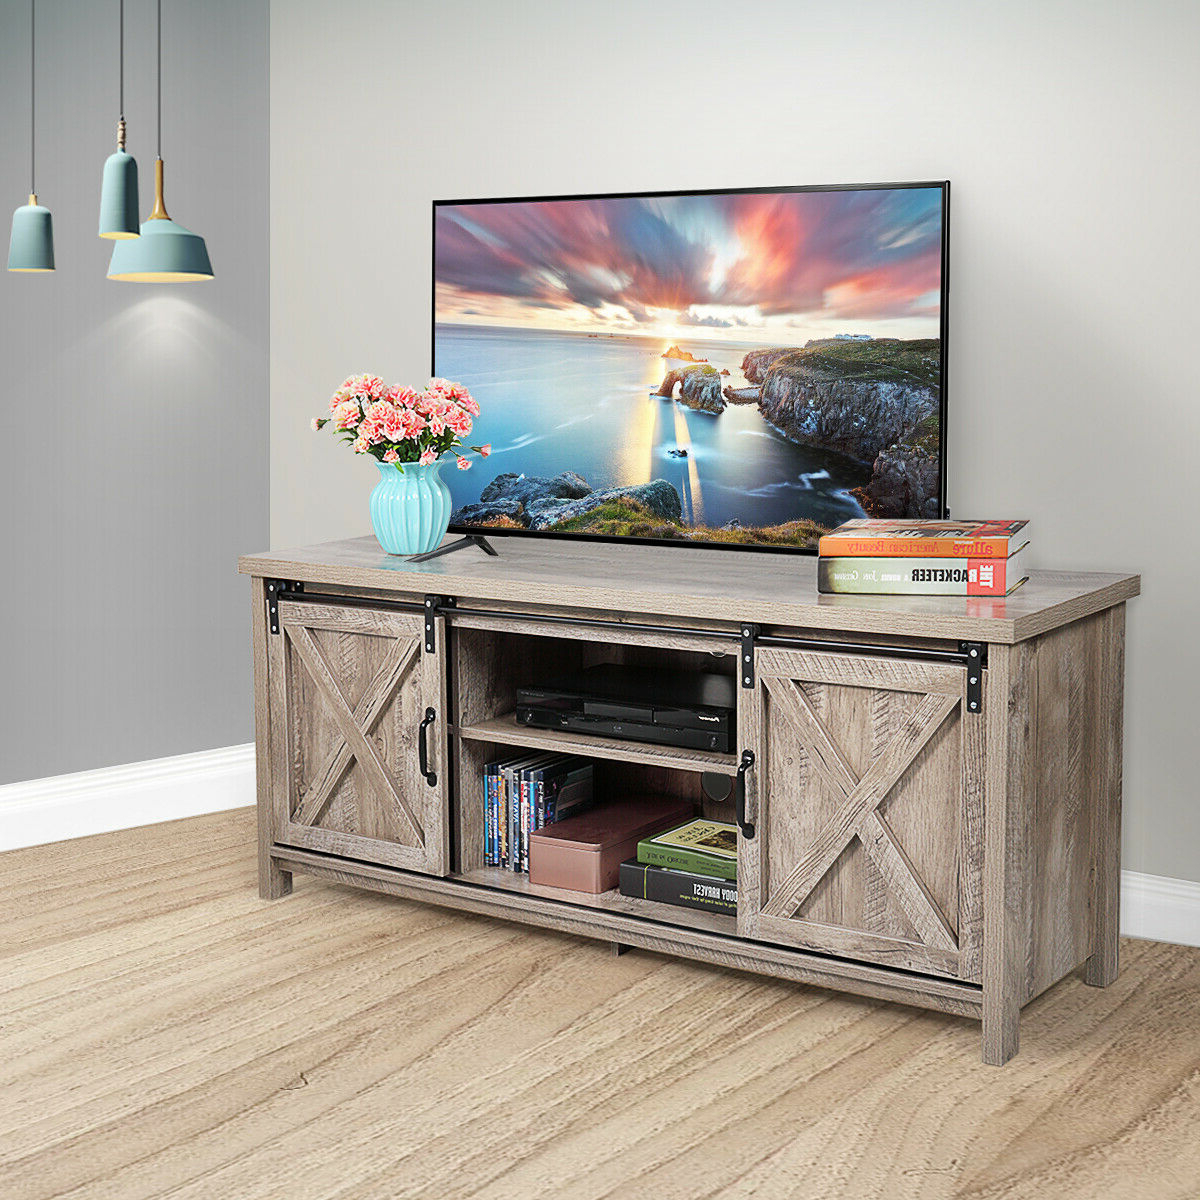 Nufazes Sliding Barn Door Tv Stand,58 Inch Storage Table Regarding 2018 Barn Door Wood Tv Stands (View 2 of 10)